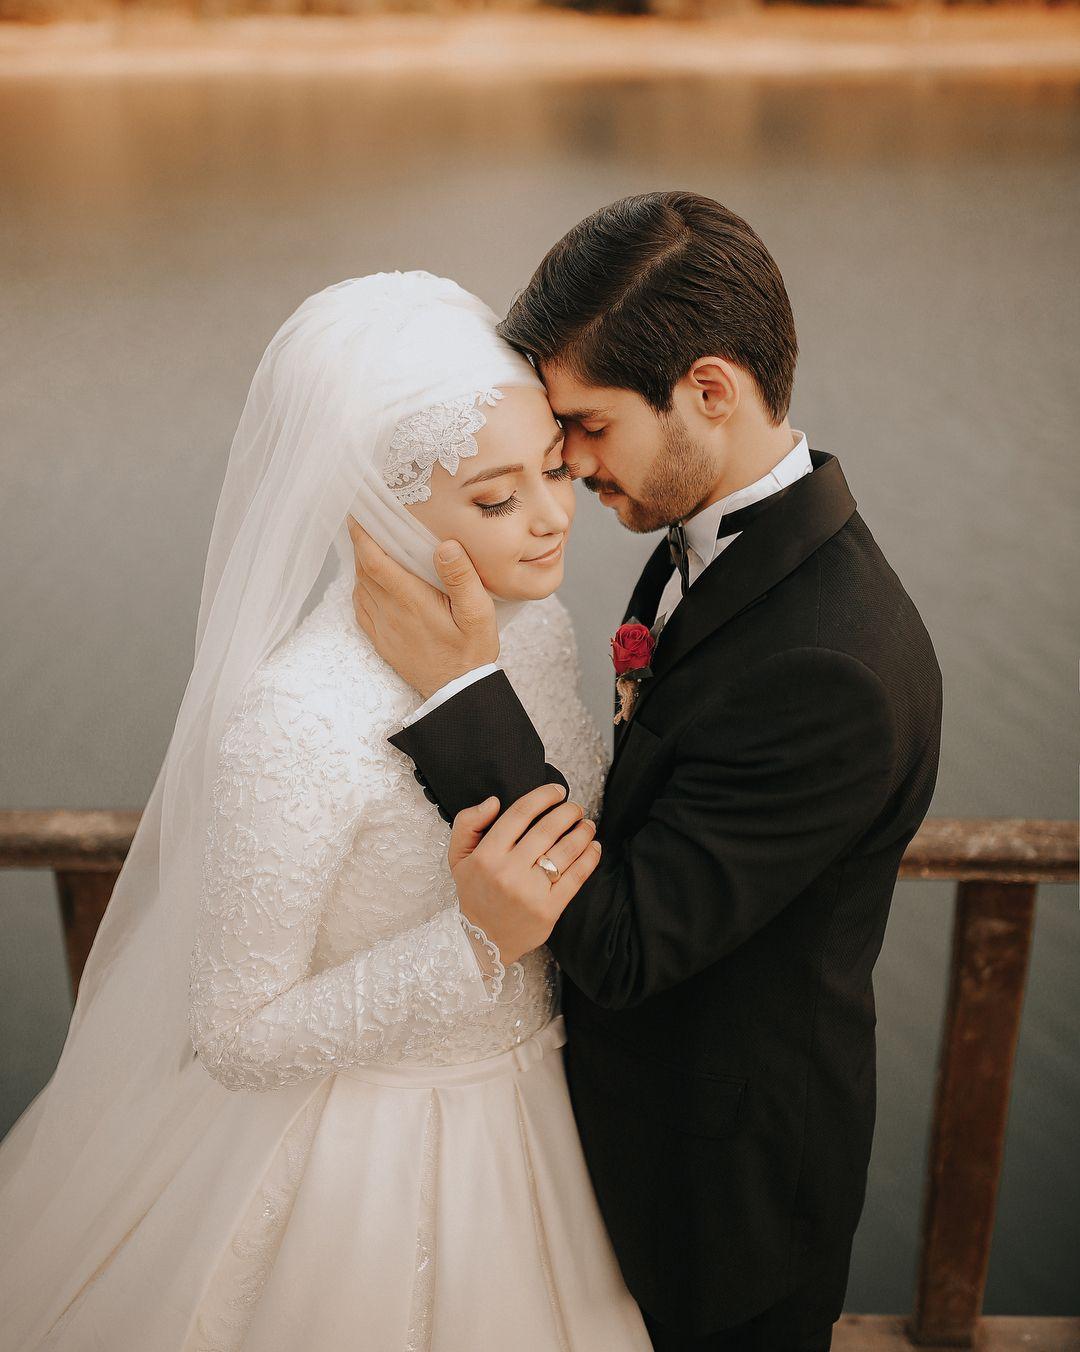 f96877afced7b Düğün Fotoğrafları (Hijab) Düğün Gelin, Düğün Pozları, Moda, Evlilik